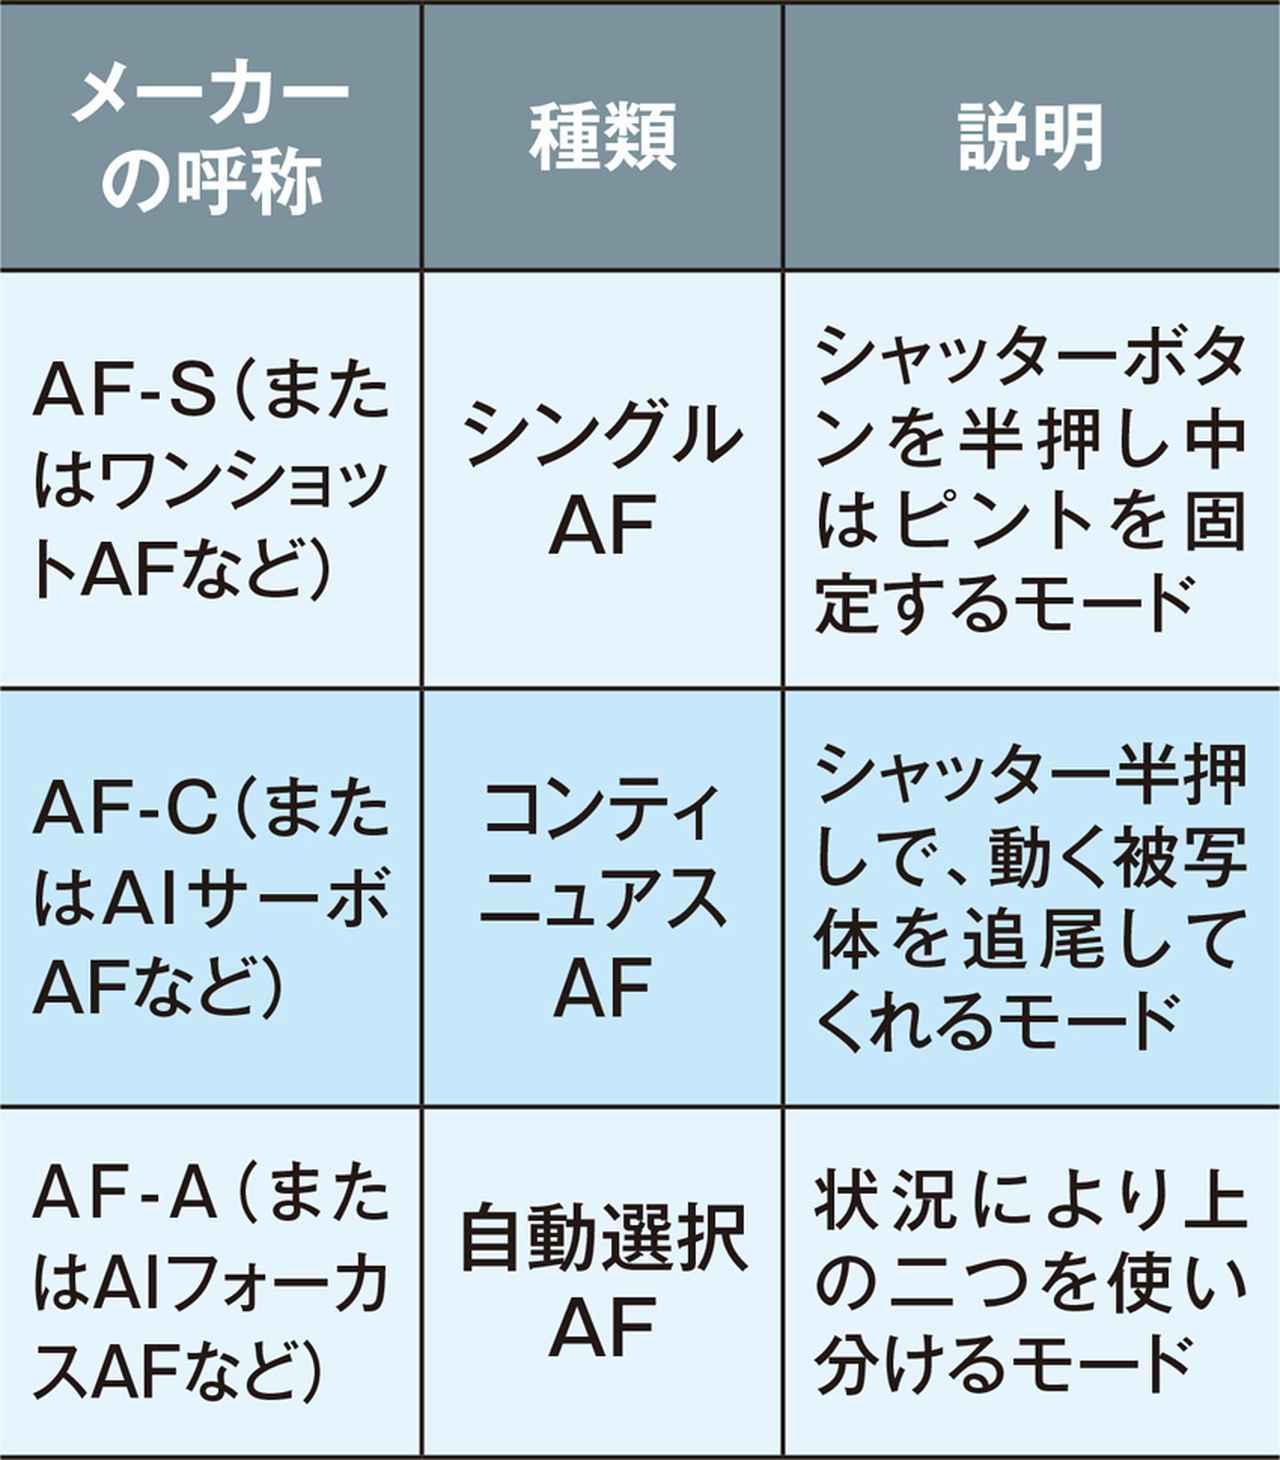 画像: AF-S、AF-Cという名称で表記される機種が多い。メーカーで呼び方が異なるが、機能的には変わらない。